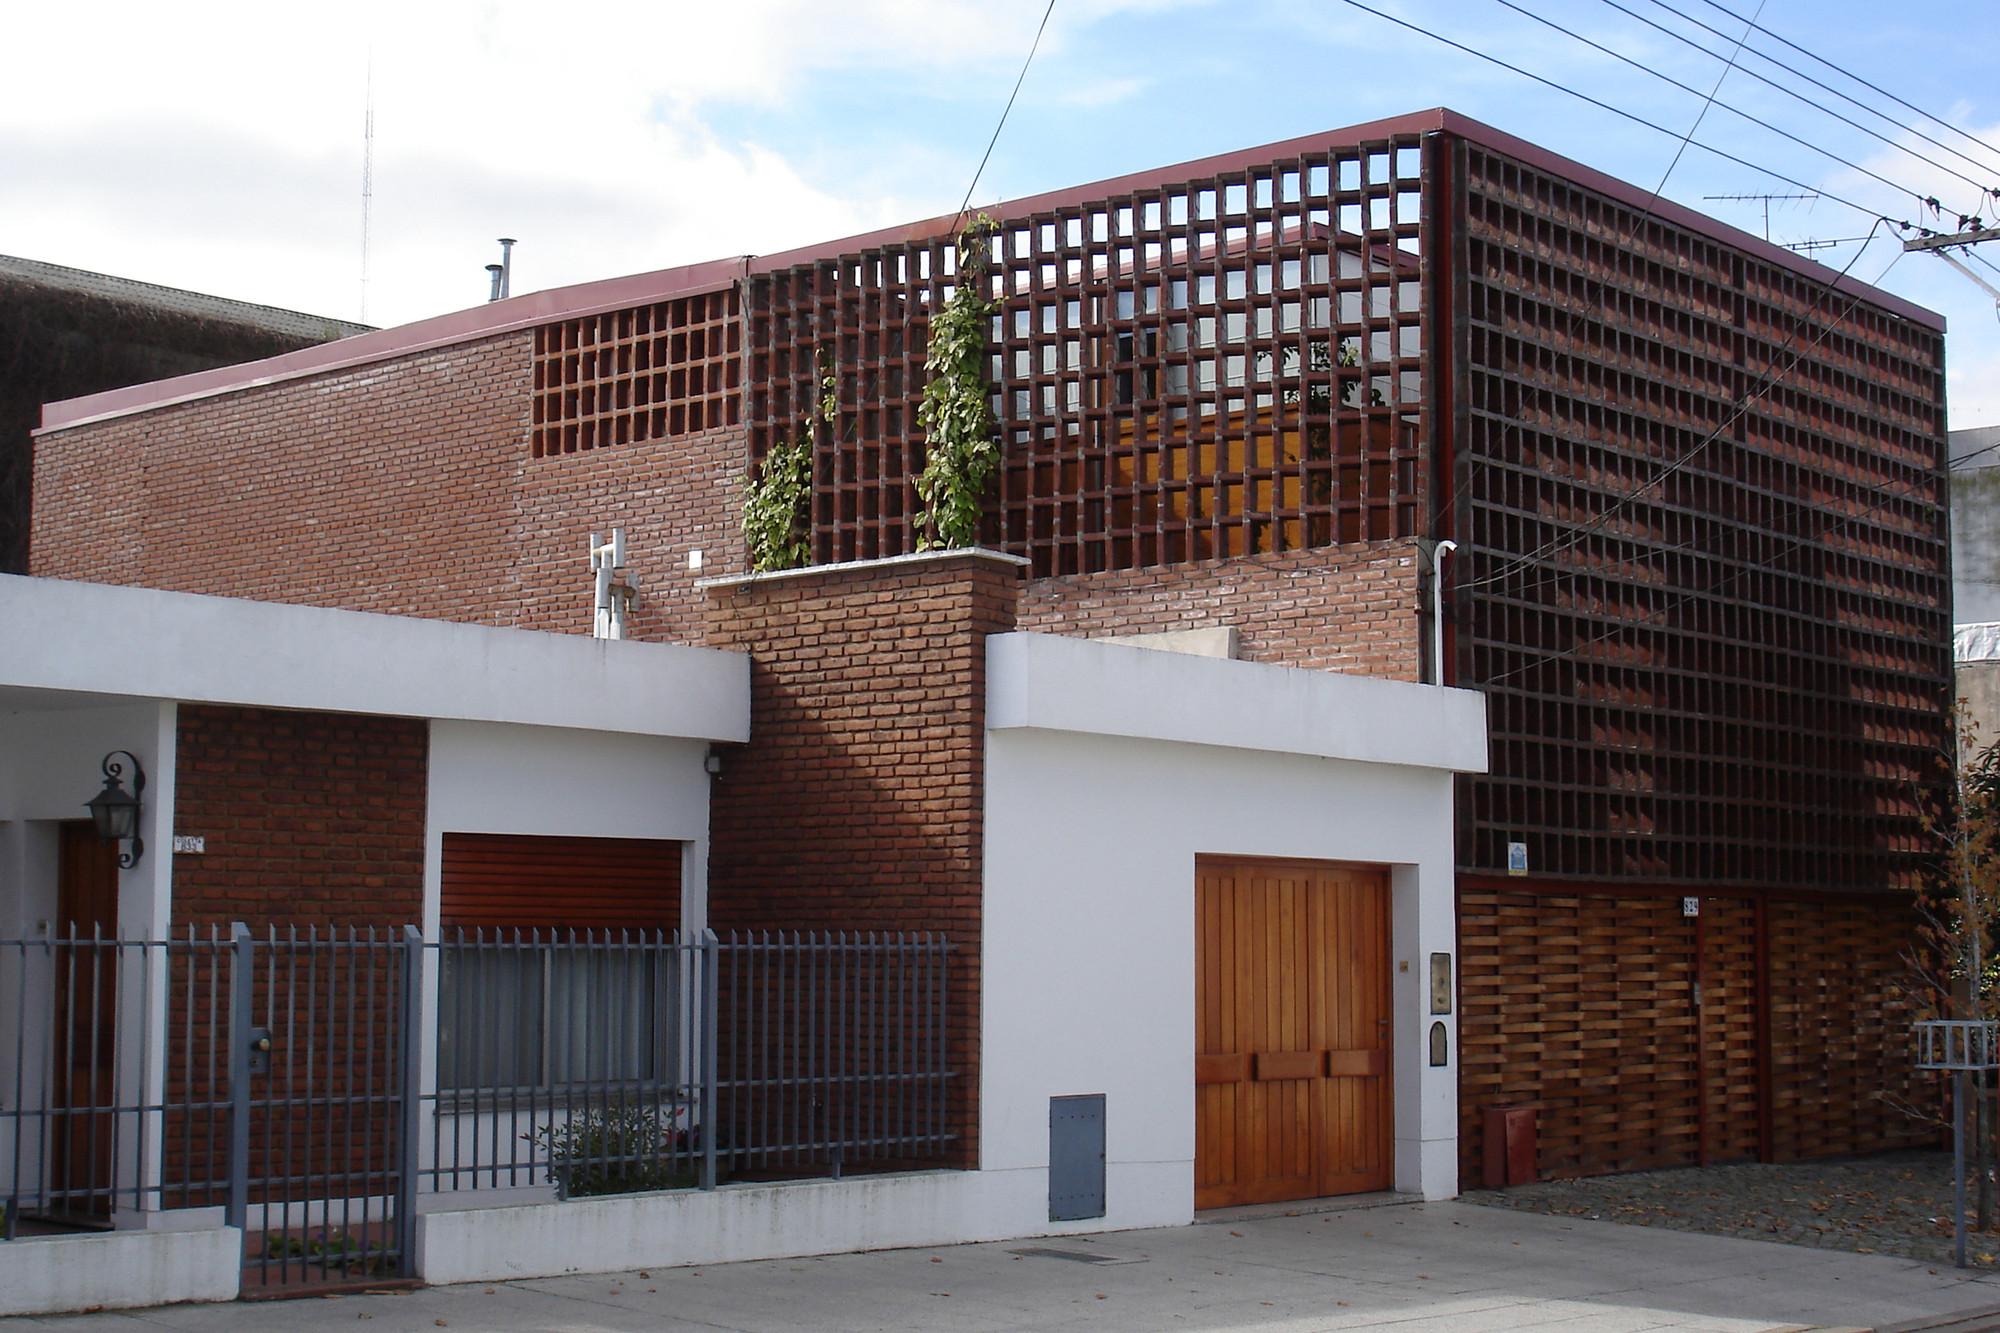 Casa de los tamices francisco cadau plataforma for Casa de los azulejos arquitectura